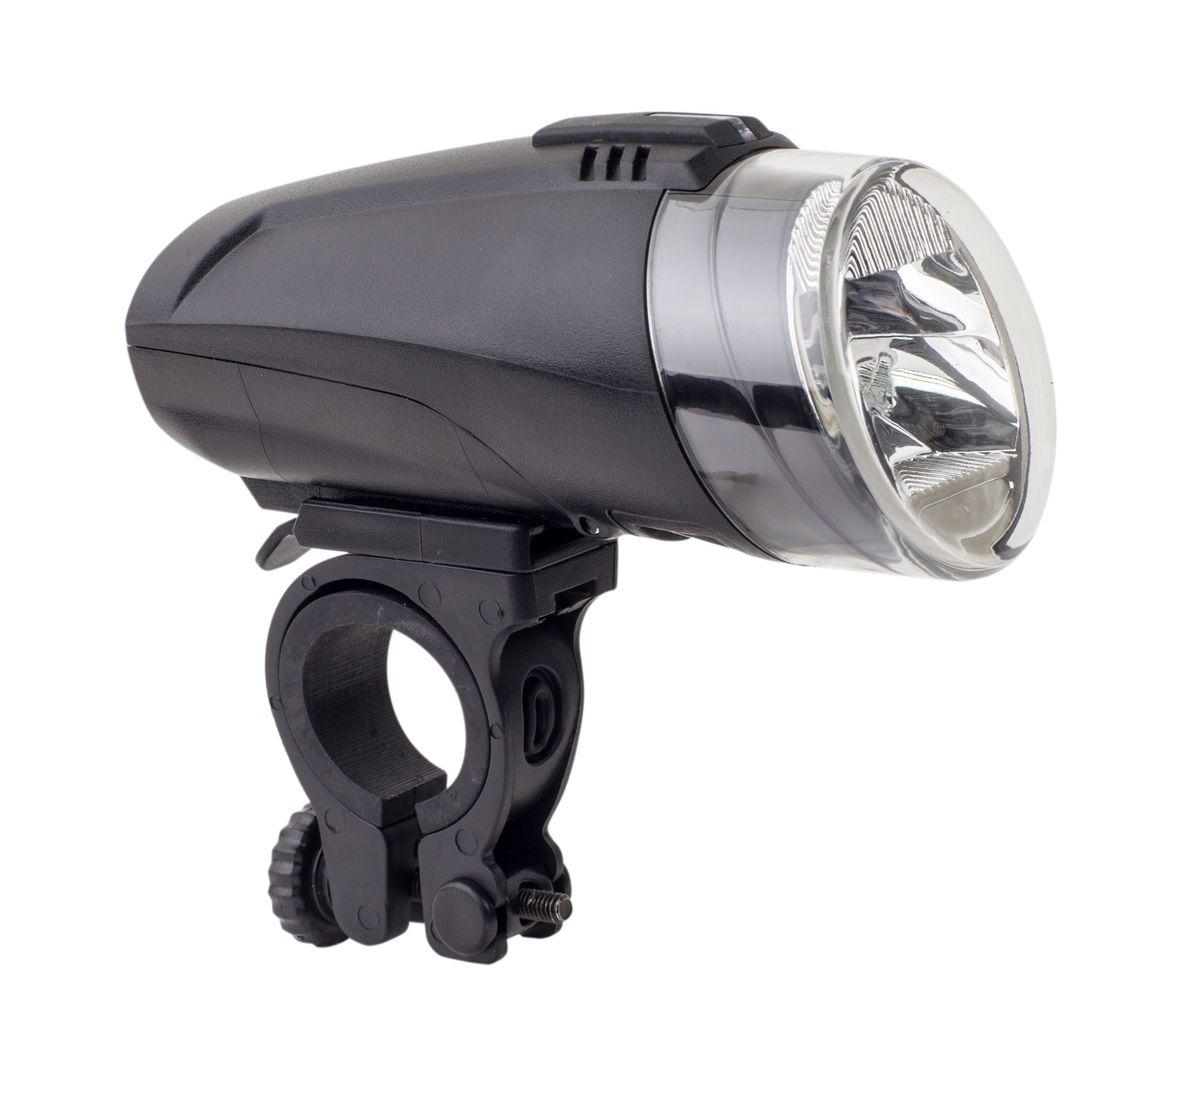 Фонарь велосипедный светодиодный передний Idol ET-3140-2ET-3140-2Велосипедный передний фонарь Idol ET-3140-2 одна из новых разработок компании. В модели специальная линза особой формы. Оптическая система фонаря построена таким образом, что свет от фары не слепит, пучок света максимально направлен вниз для лучшего освещения. Фонарик построен на базе современного светодиода Cree XPE R3 мощностью 3W. В вело фаре реализовано два режима яркости, переключающихся кнопкой на корпусе фонаря: максимальная (103 люмена) и минимальная (56 люменов). Также есть режим стробоскопа (55 люменов). Фонарь крепится на руле с возможностью мгновенно отсоединить его, когда нет желания оставлять на велосипеде без присмотра или под дождем. Благодаря противоударному корпусу, падения не страшны. Также велосипедный фонарь имеет отличную водо- и пыле защиту. Питание модели производится от стандартных батареек класса АА. На корпусе фонаря есть индикатор оставшегося заряда. Технология лампы: LED Cree XPE R3 3W Время работы: ...